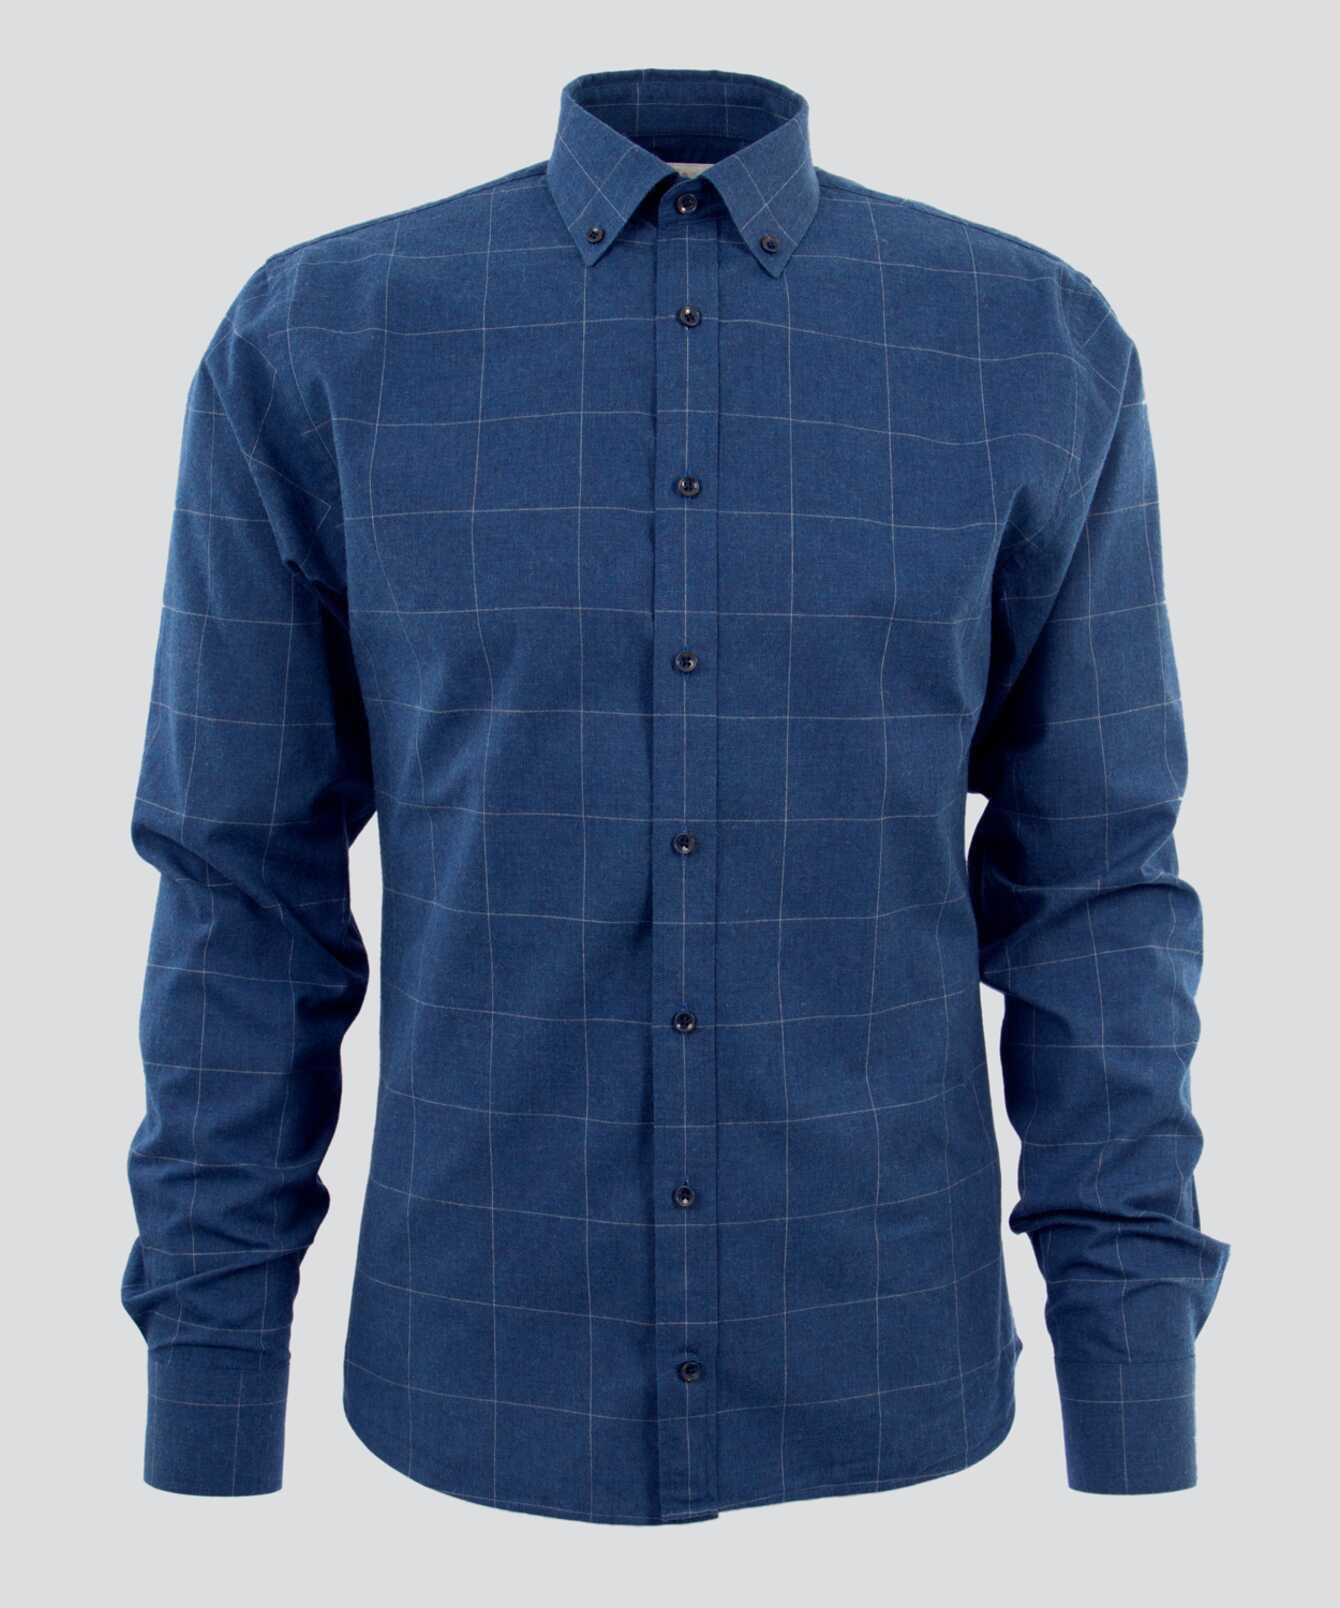 Skjorta Treton Blå  The Shirt Factory